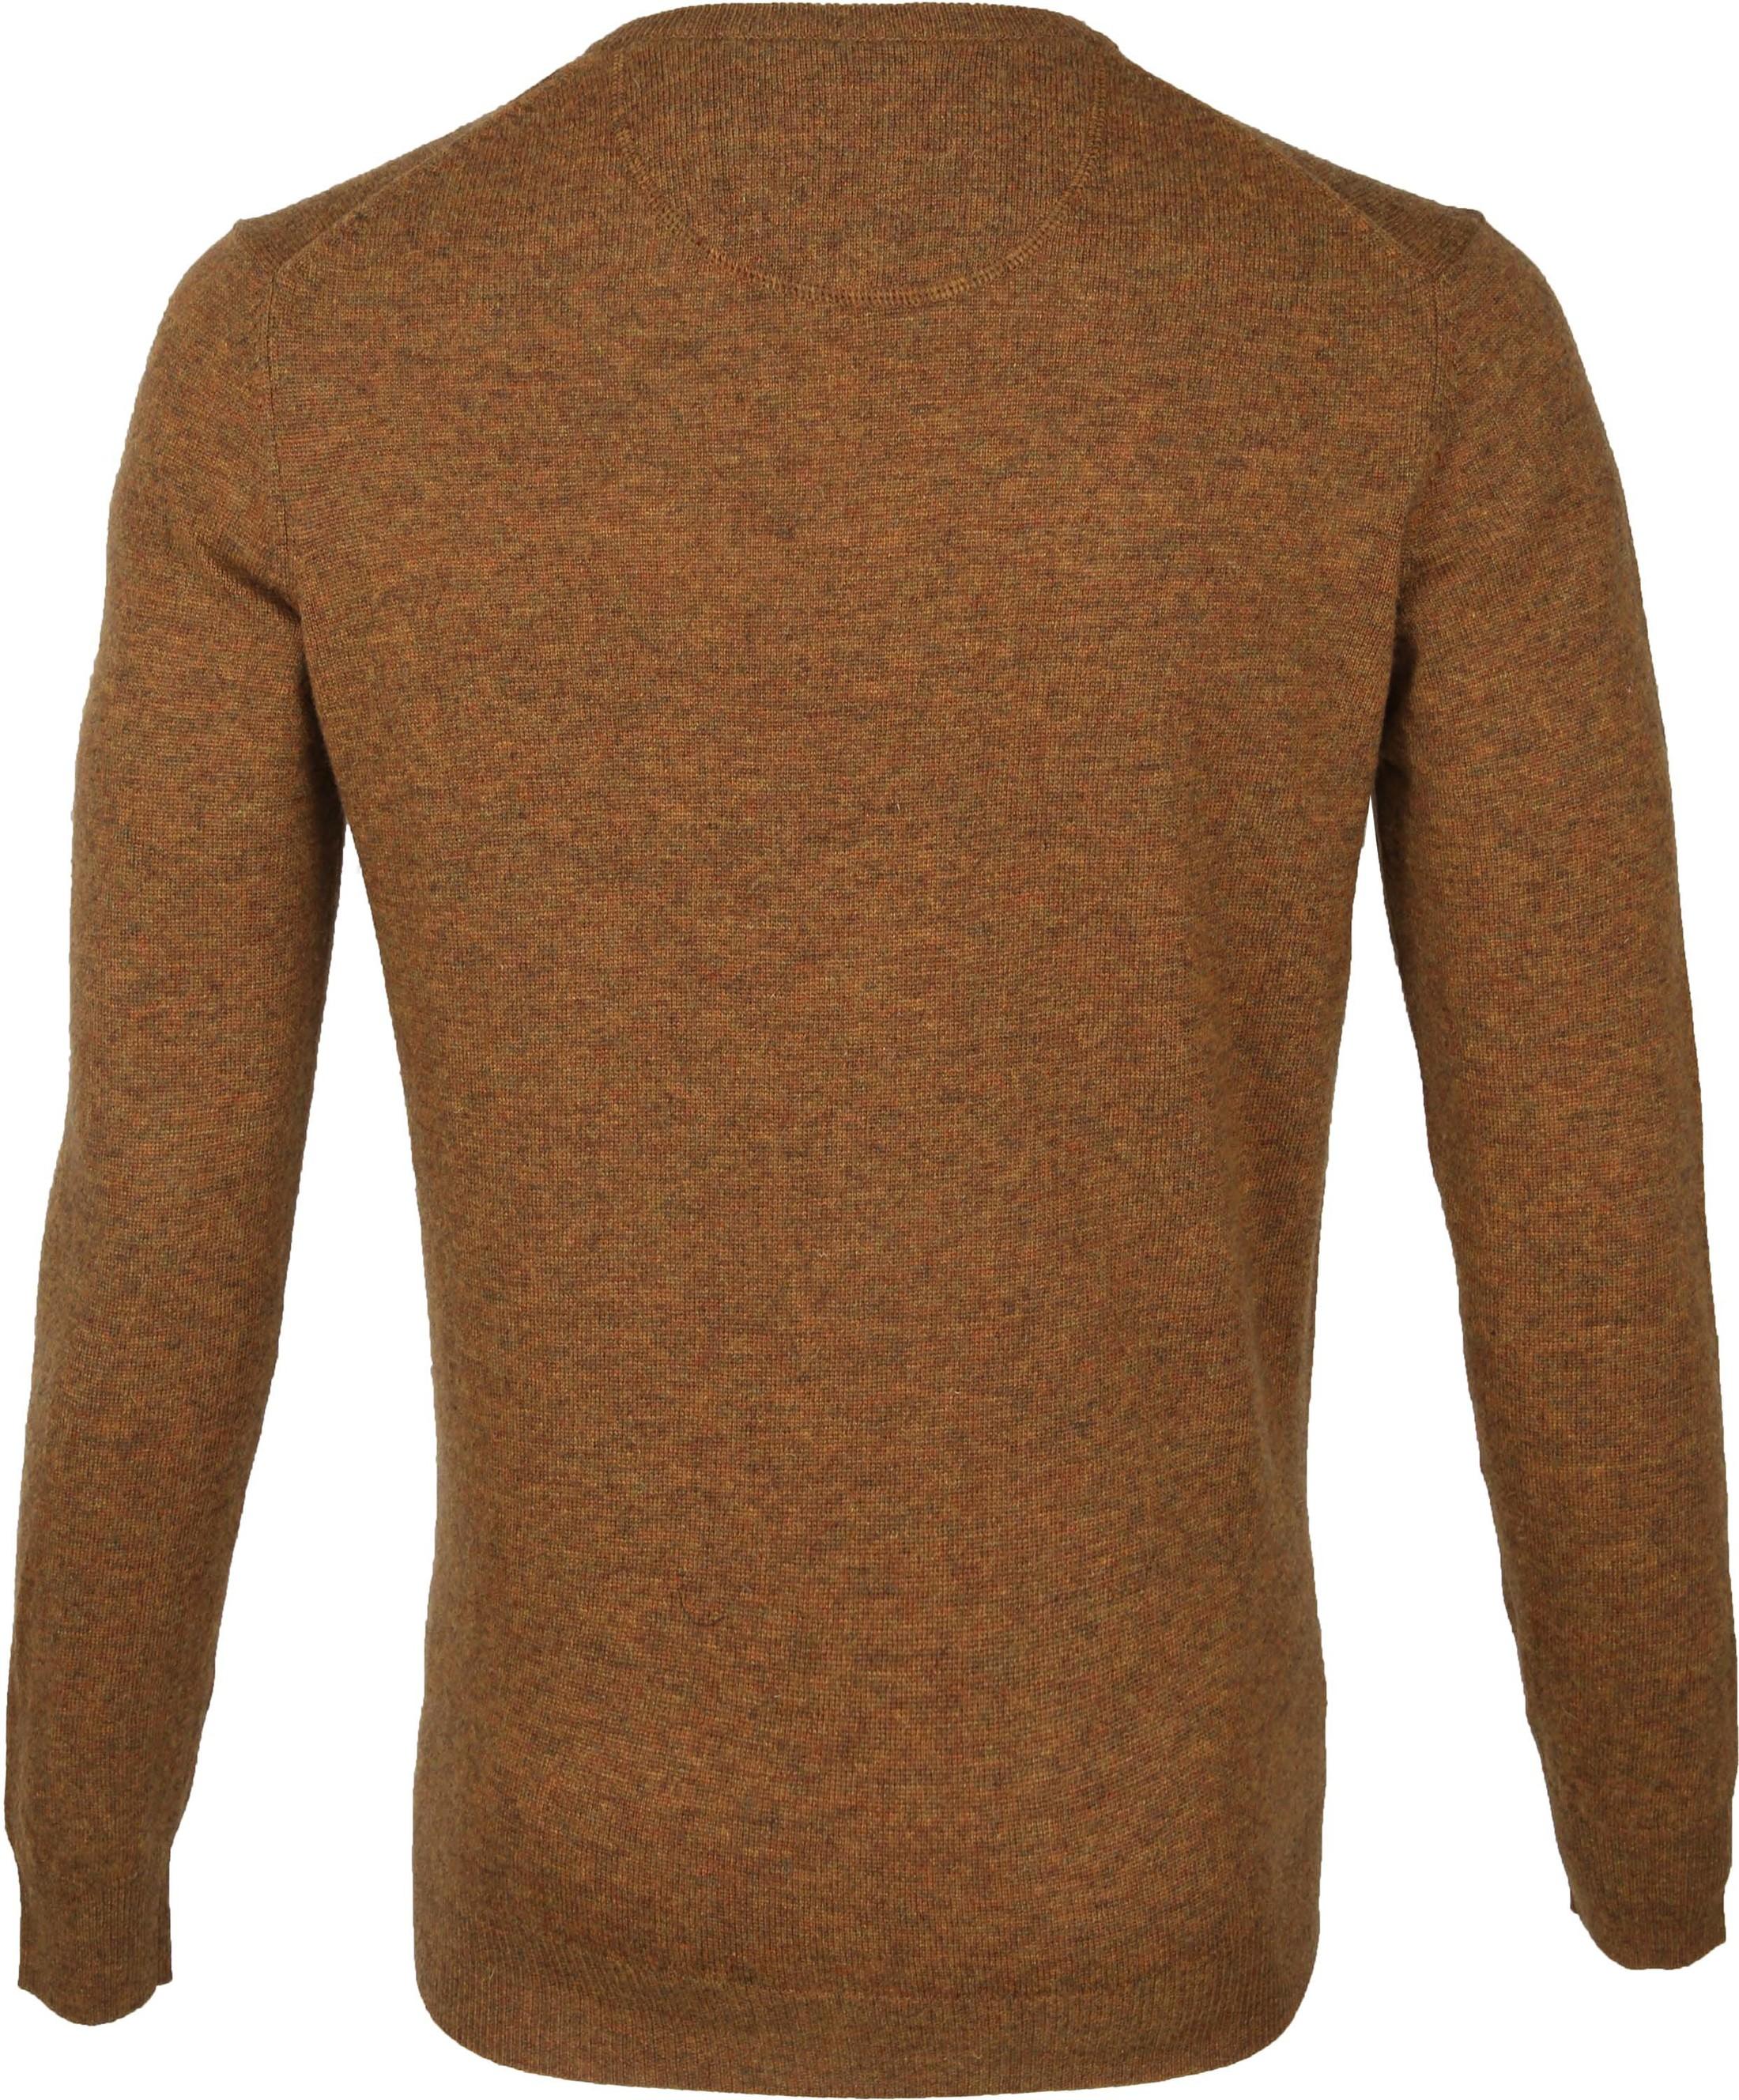 Suitable Fijn Lamswol 12 garen Pullover V-Hals Okergeel